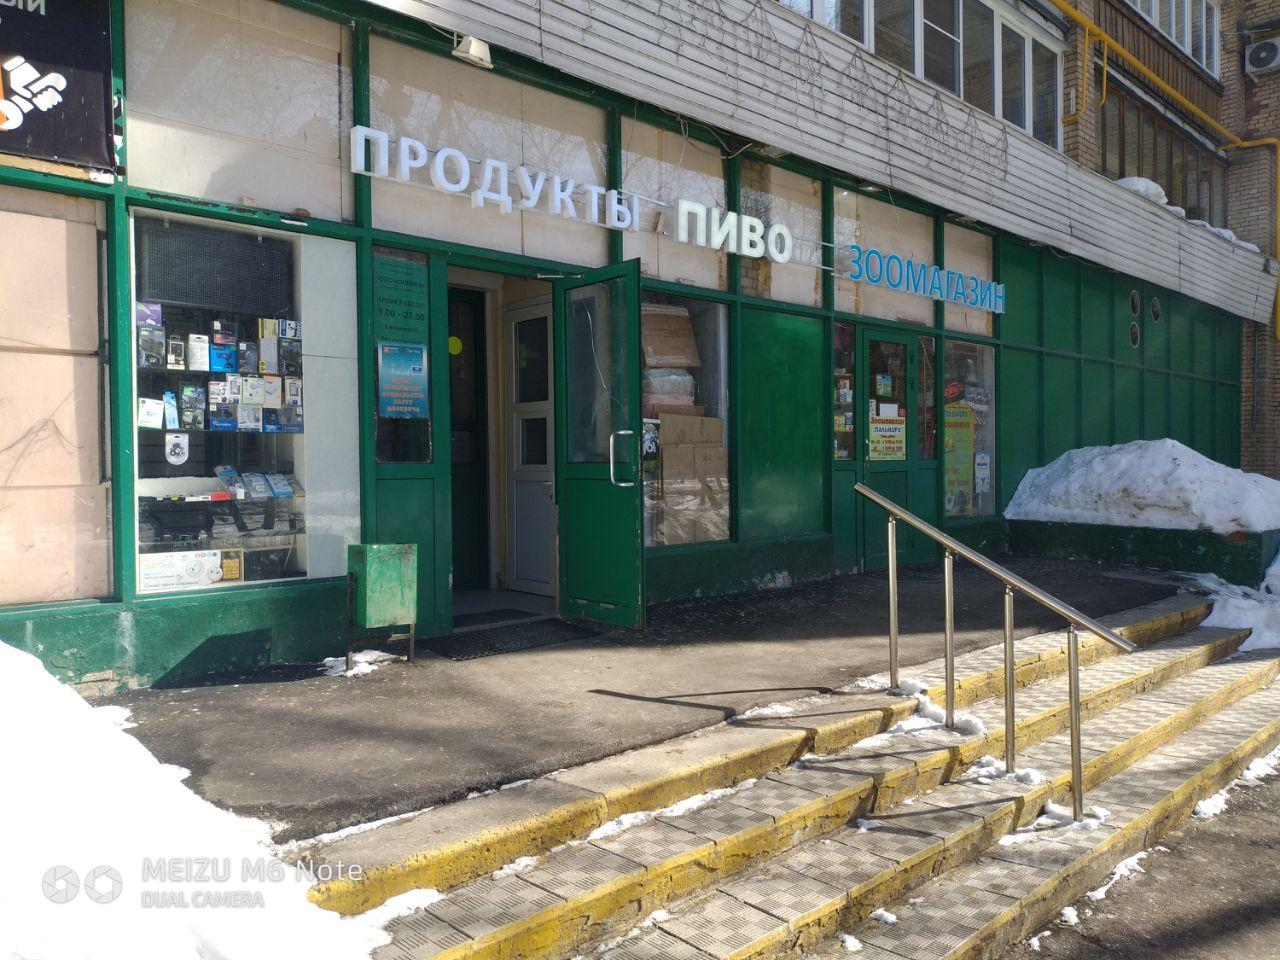 Коммерческая недвижимость Халтуринская улица Аренда офисных помещений Москворечье улица